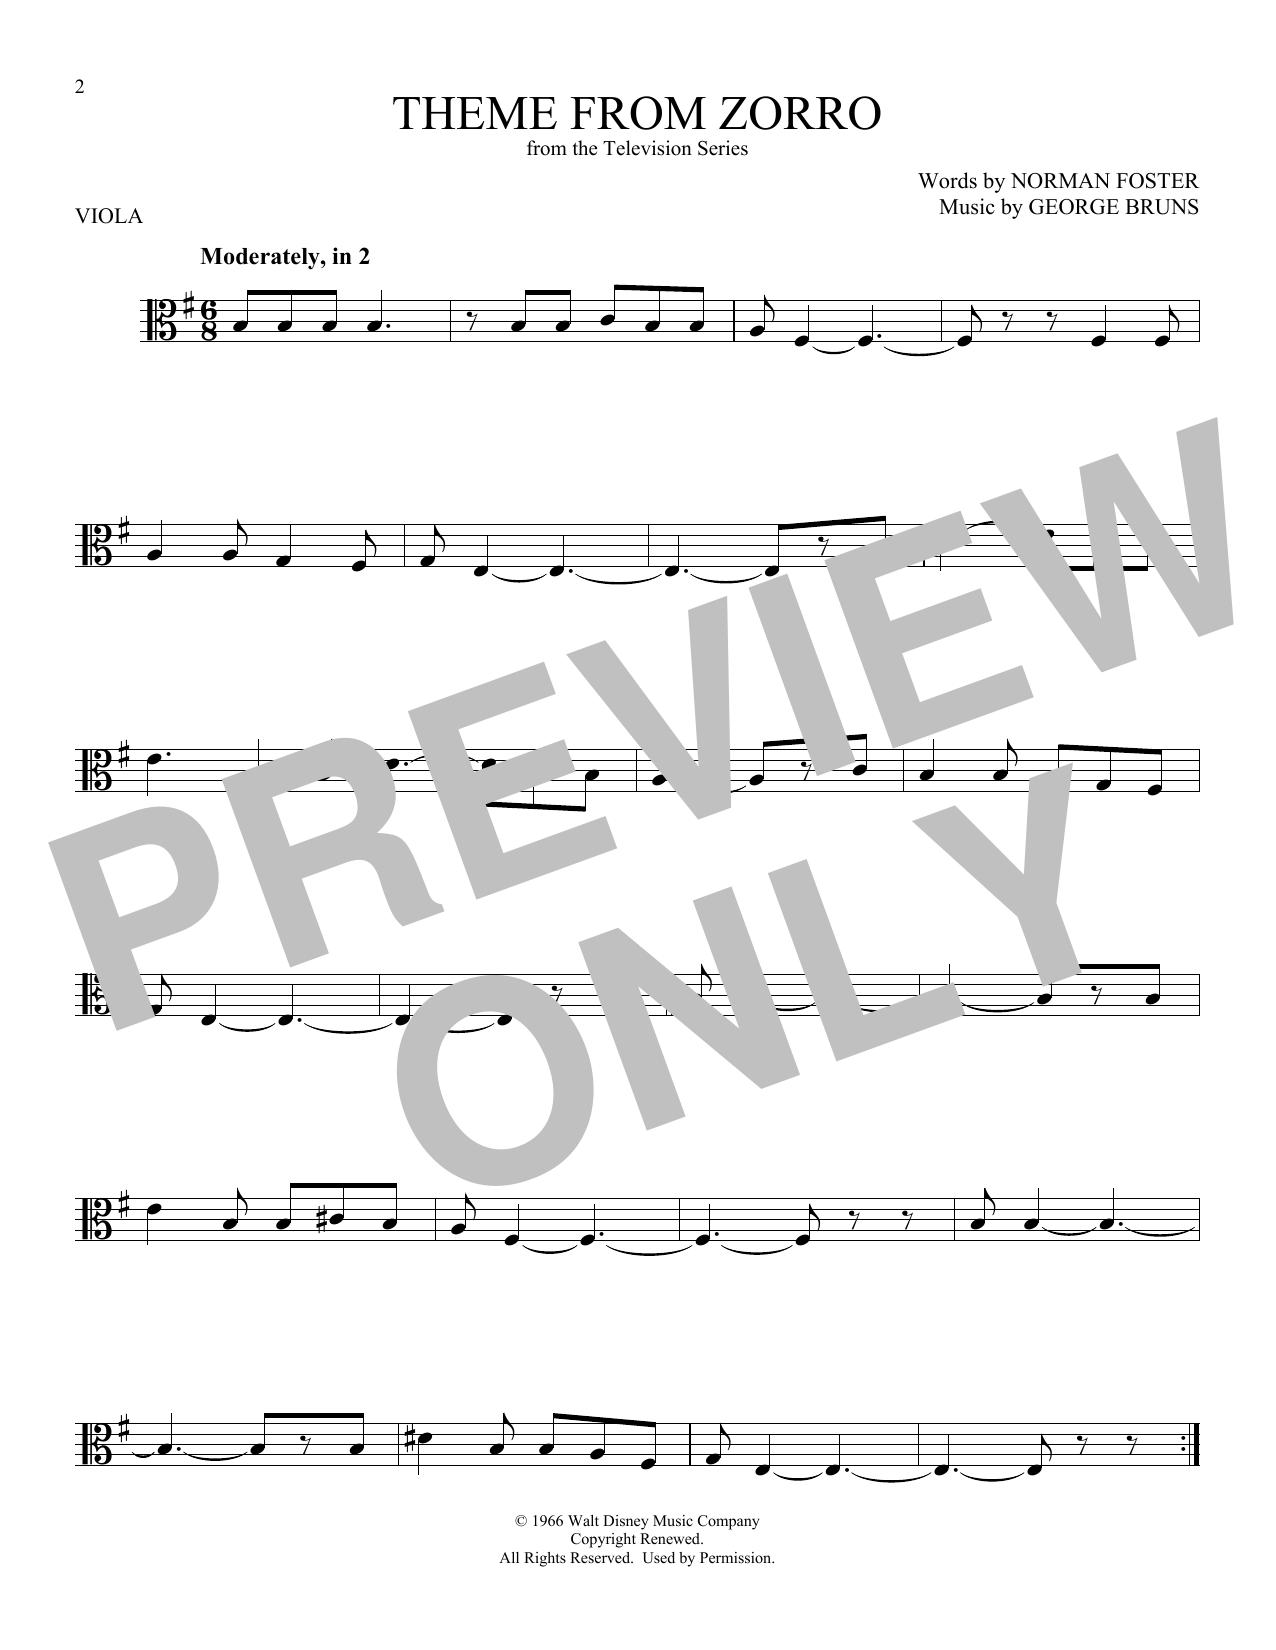 Theme From Zorro (Viola Solo)